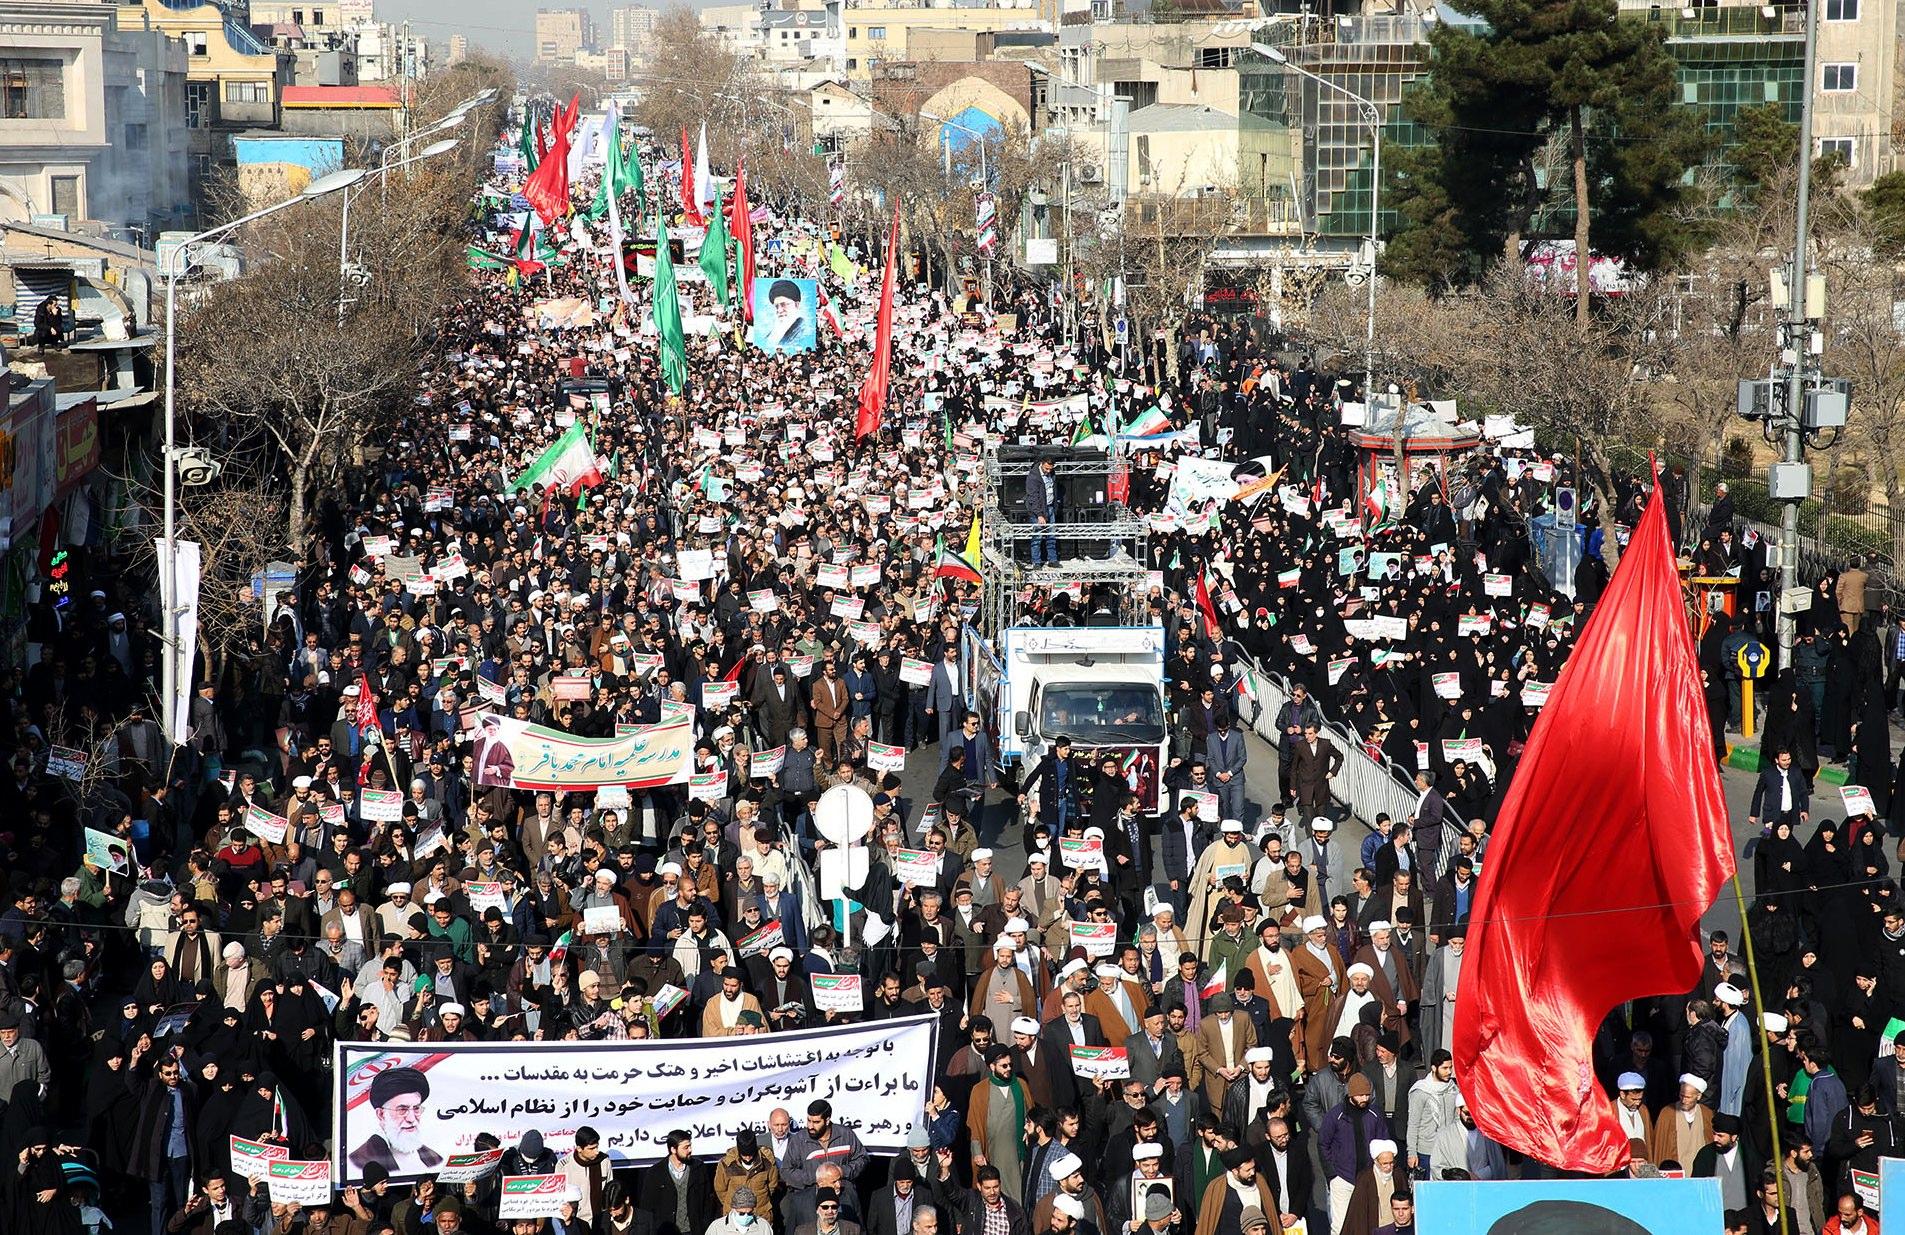 Antiamerički prosvjedi po cijelom Iranu